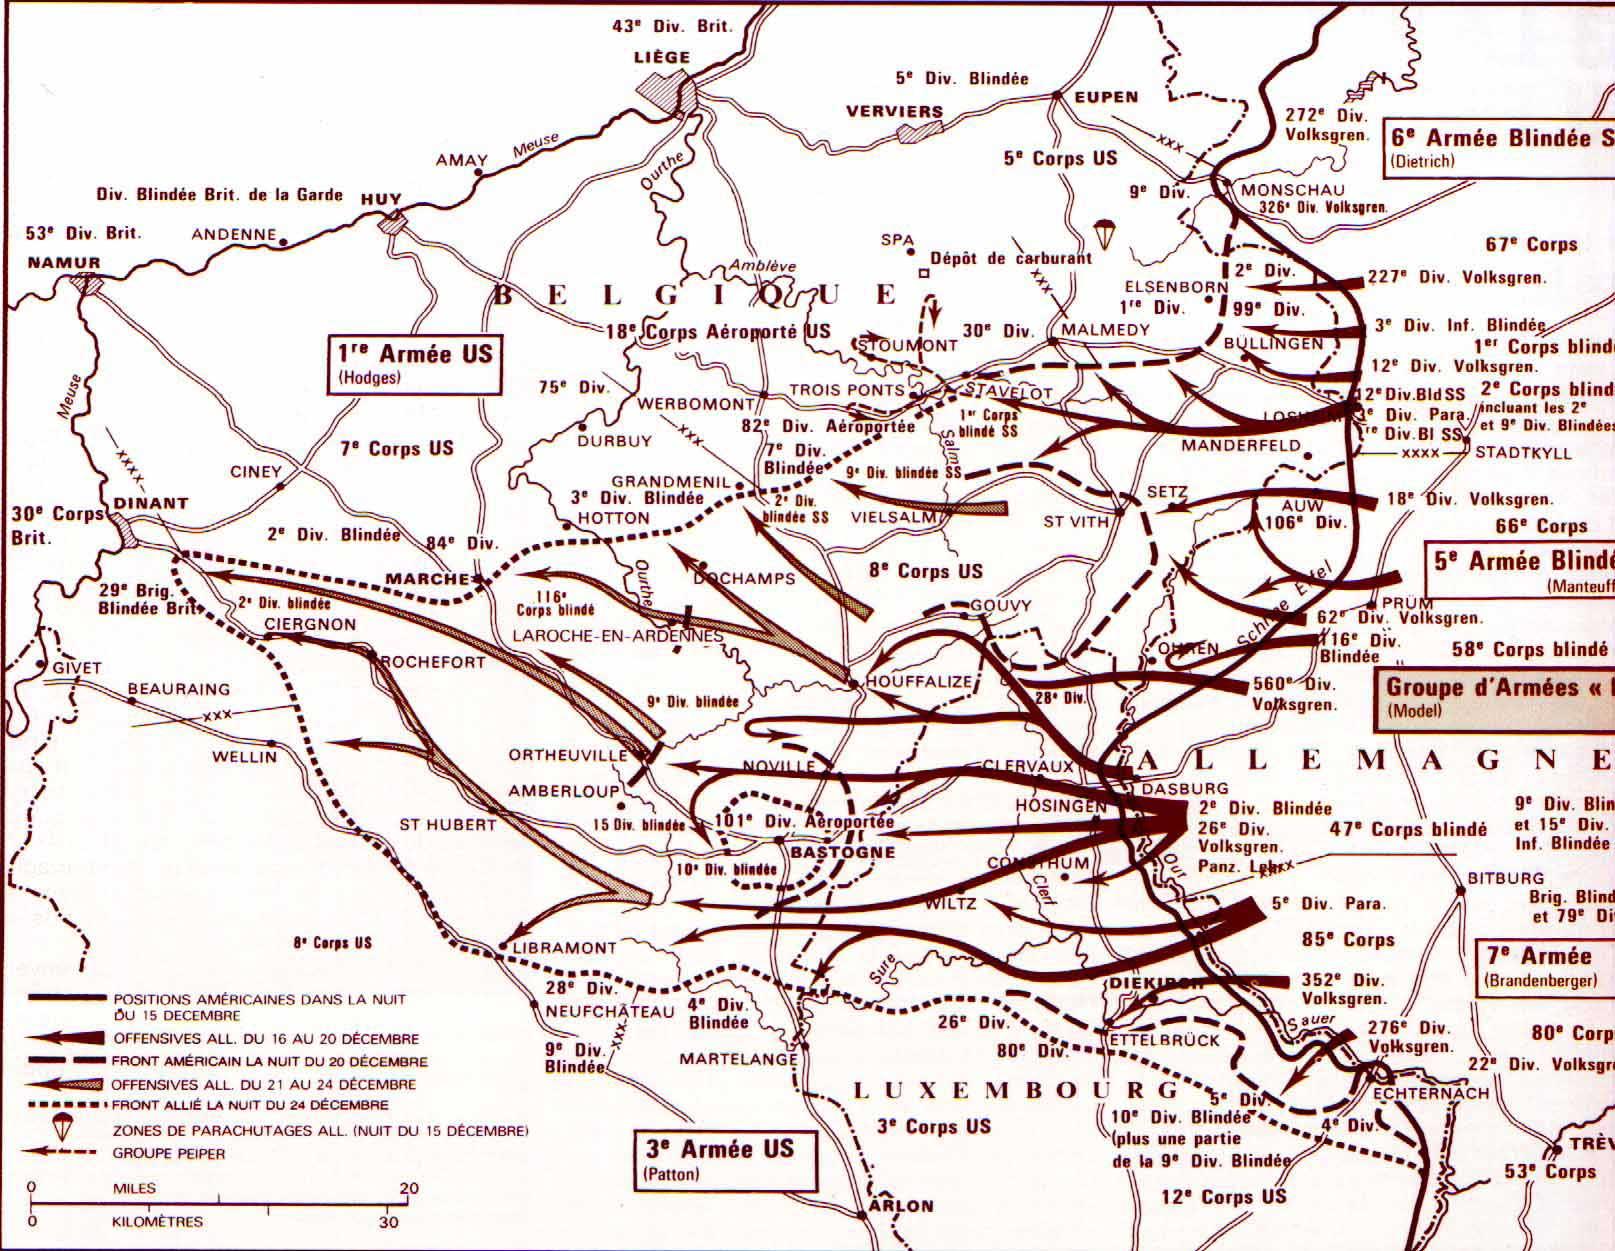 Carte Militaire Allemande Ww2.La Bataille Des Ardennes 16 Decembre 1944 18 Janvier 1945